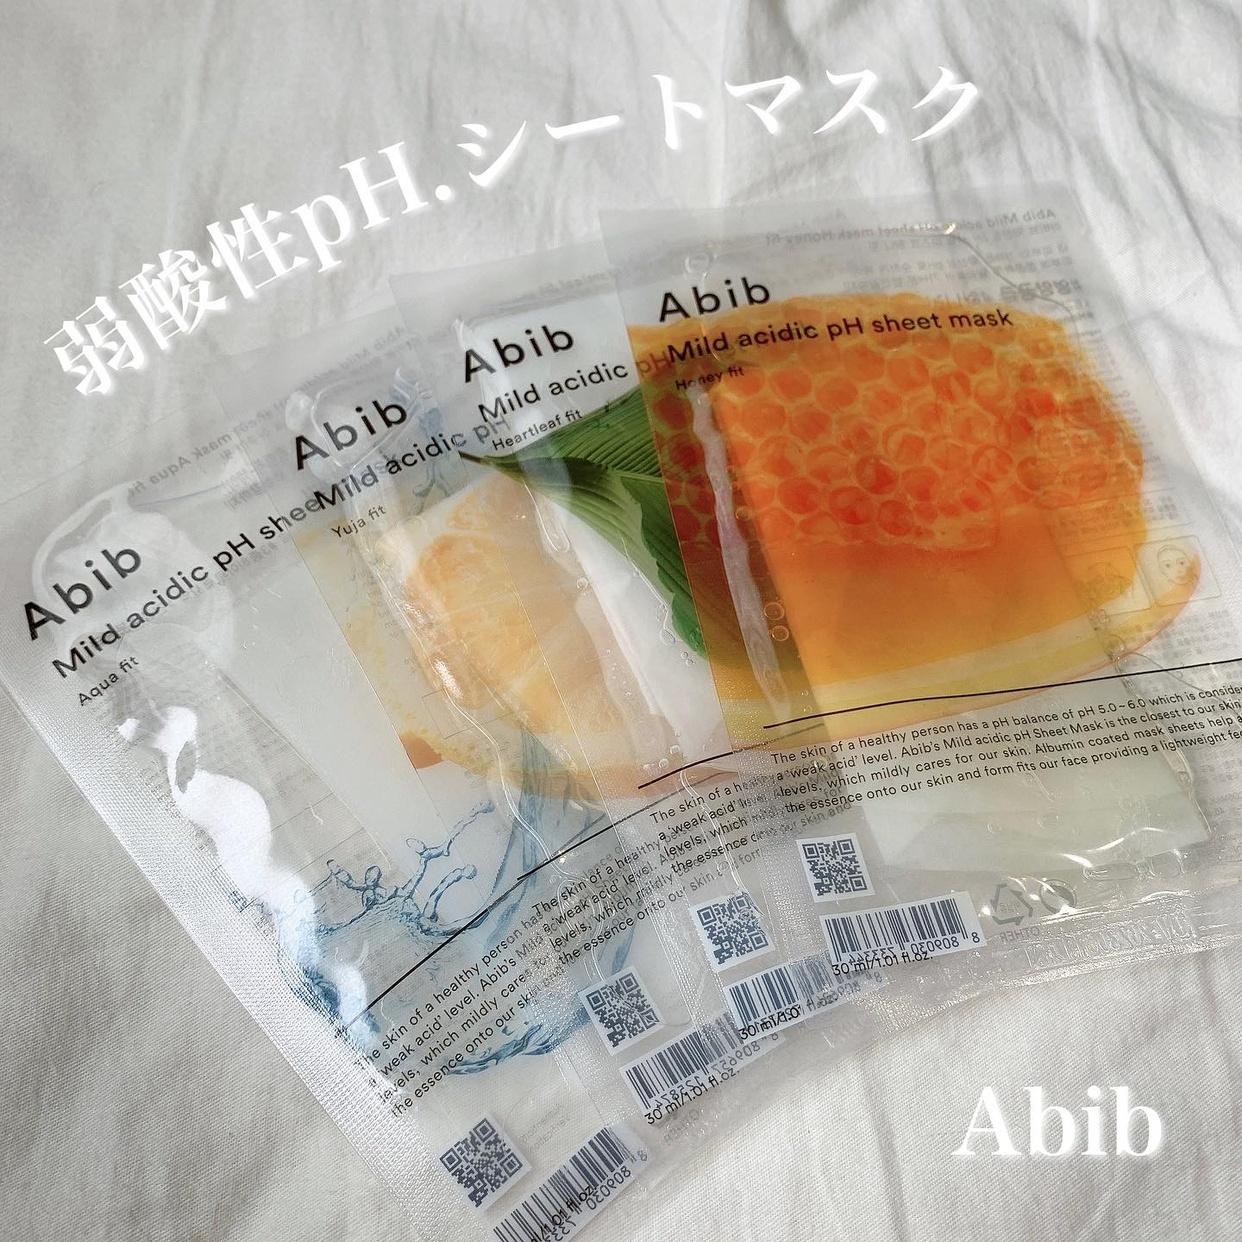 Abib(アビブ) マイルド アシディック ph シートマスク ハートリーフ フィットを使ったmaiさんのクチコミ画像1